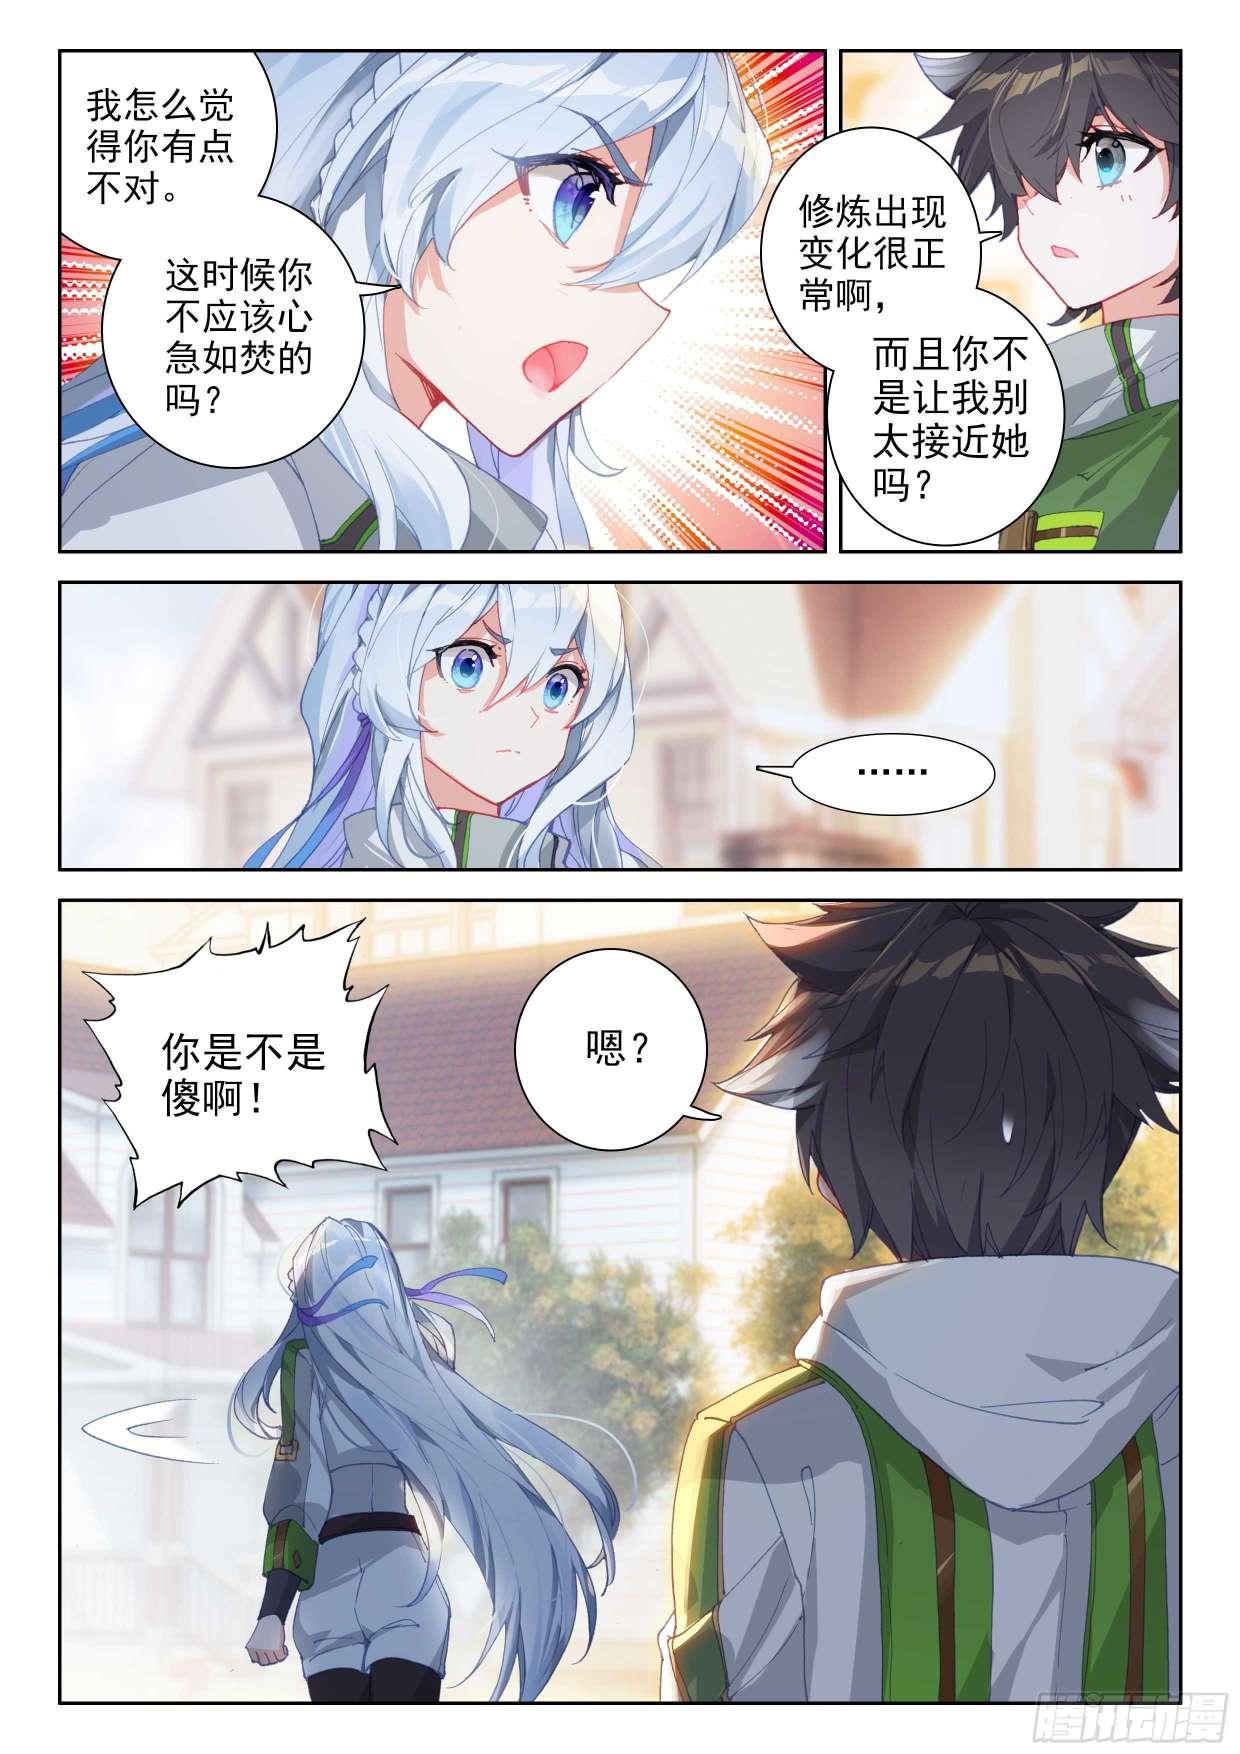 【漫画更新】《斗罗大陆4终极斗罗》总184~185话